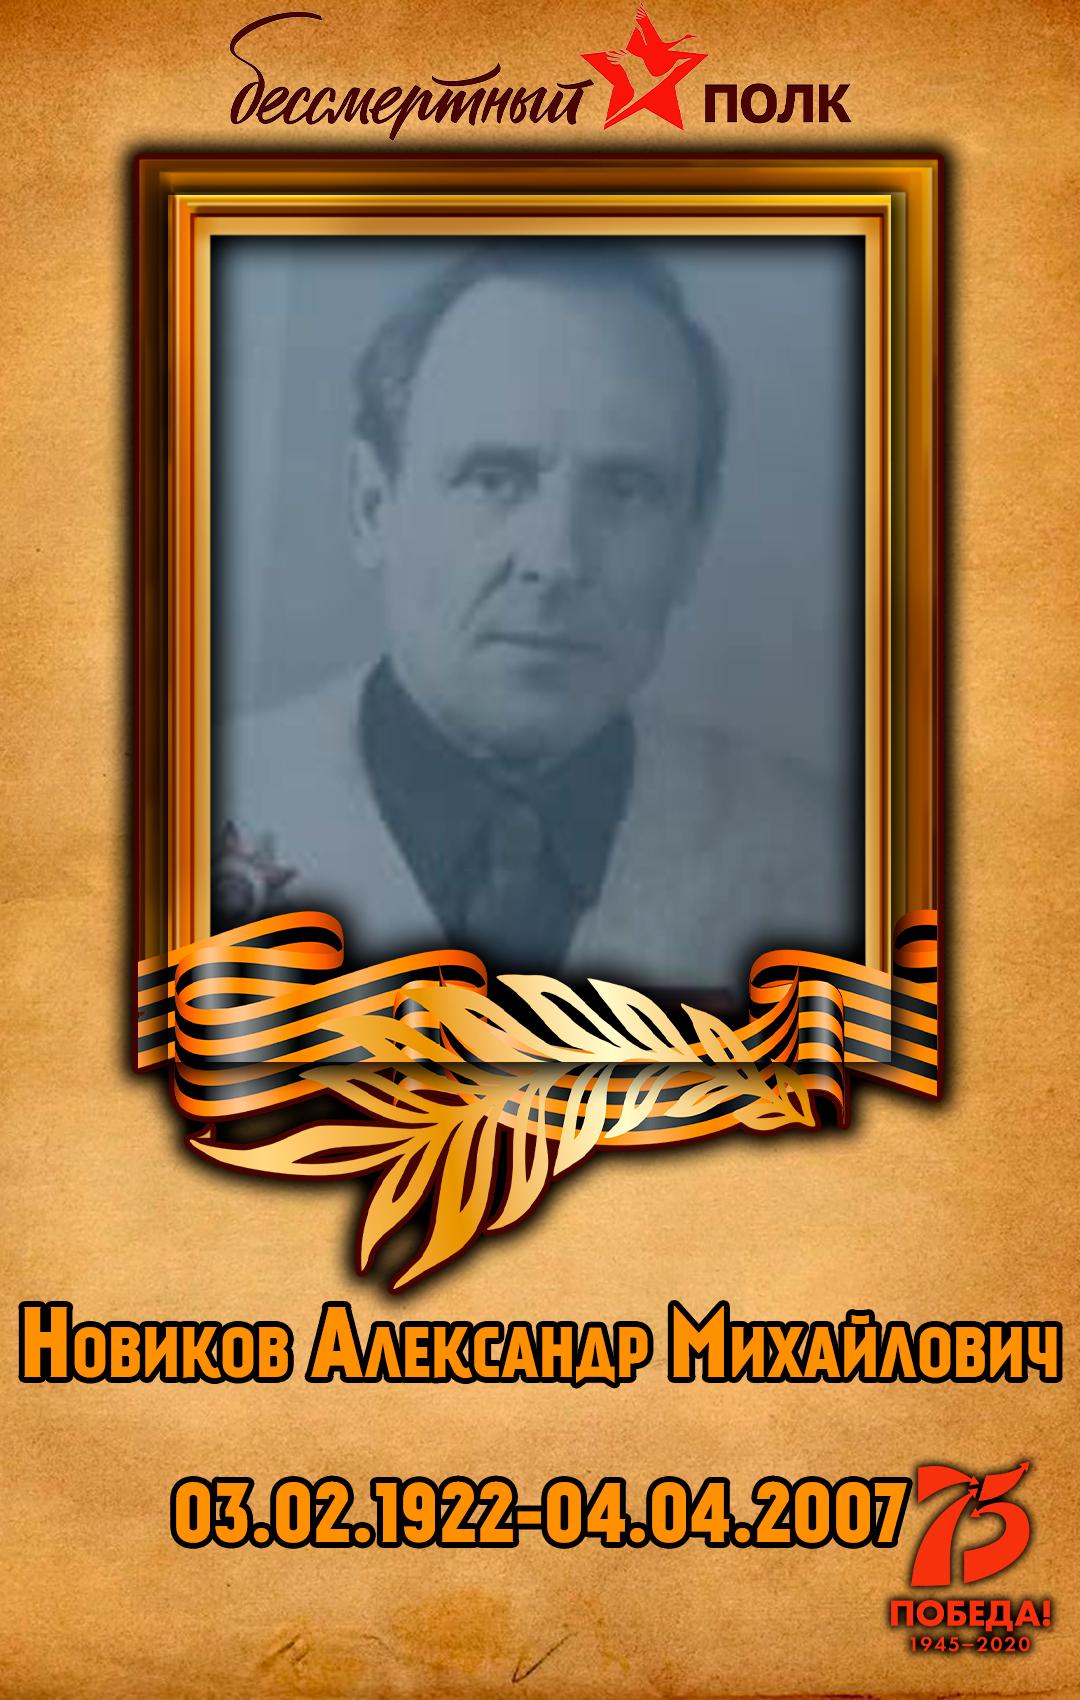 Новиков-Александр-Михайлович